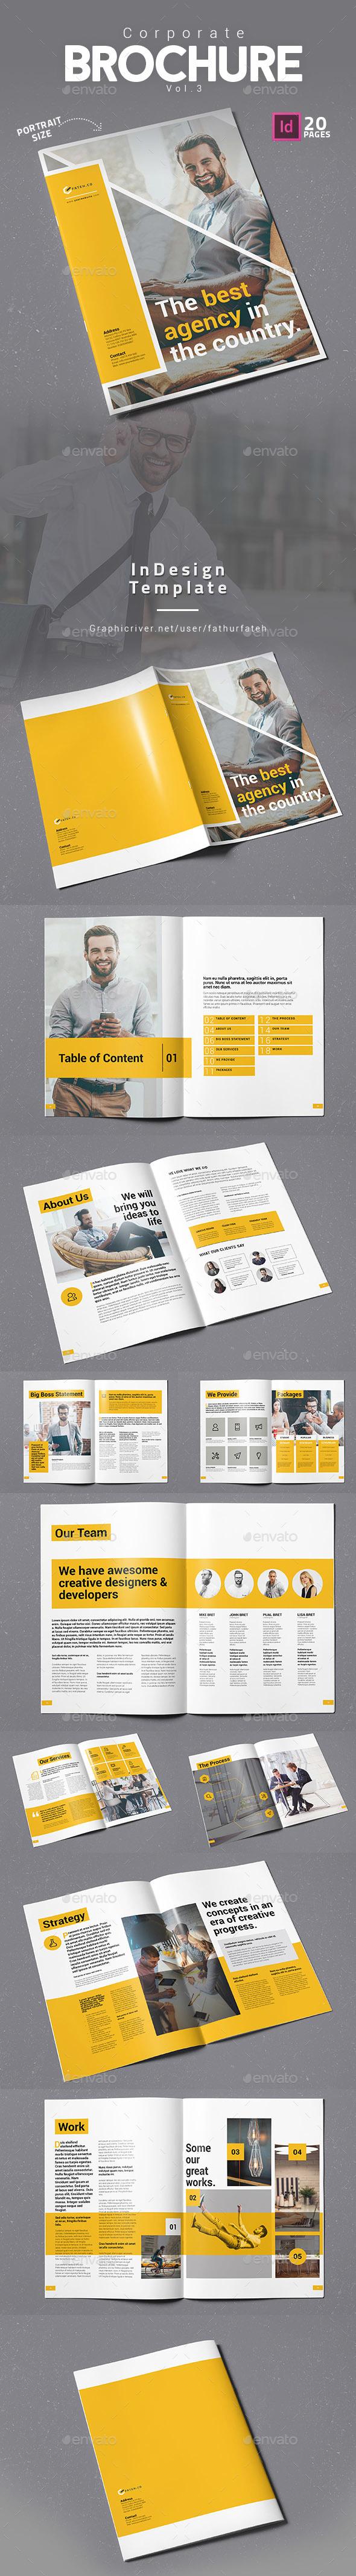 Corporate Brochure Vol.3 - Corporate Brochures